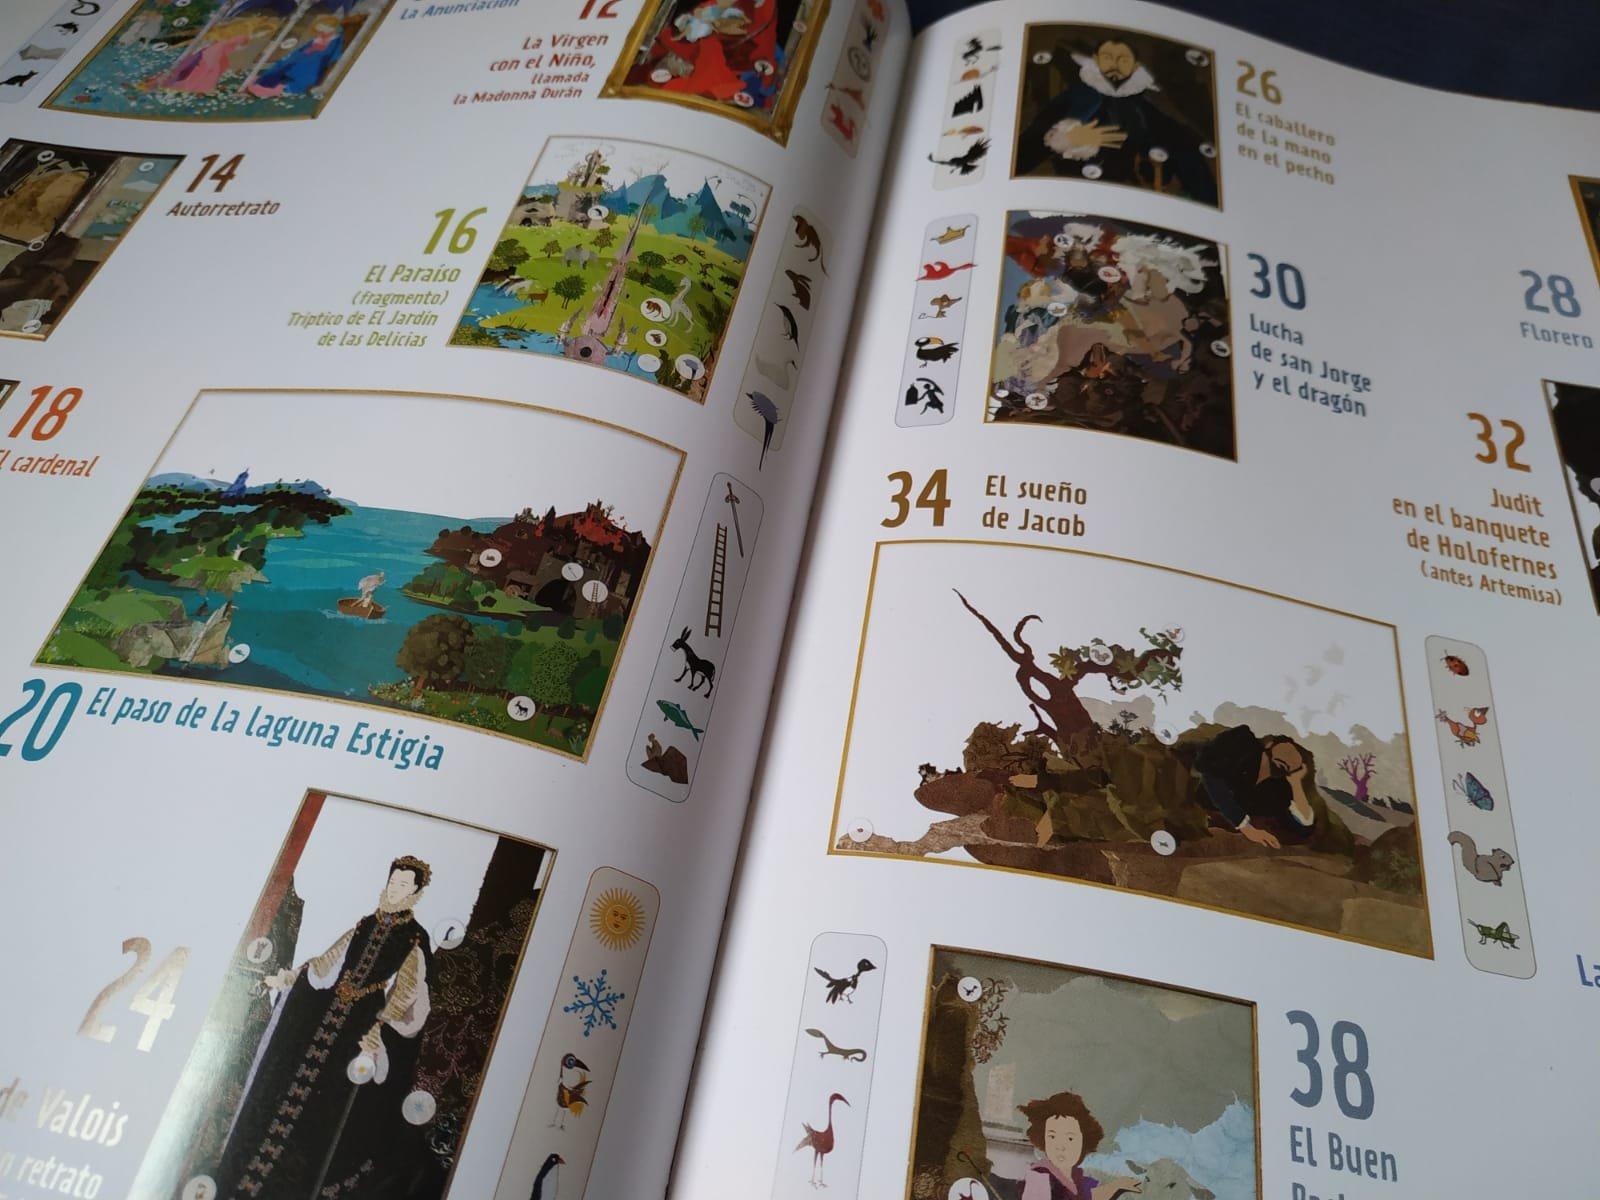 img 20181202 wa00091306366384 - Aprendemos arte con 16 cuadros muy, muy importantes del Museo del Prado